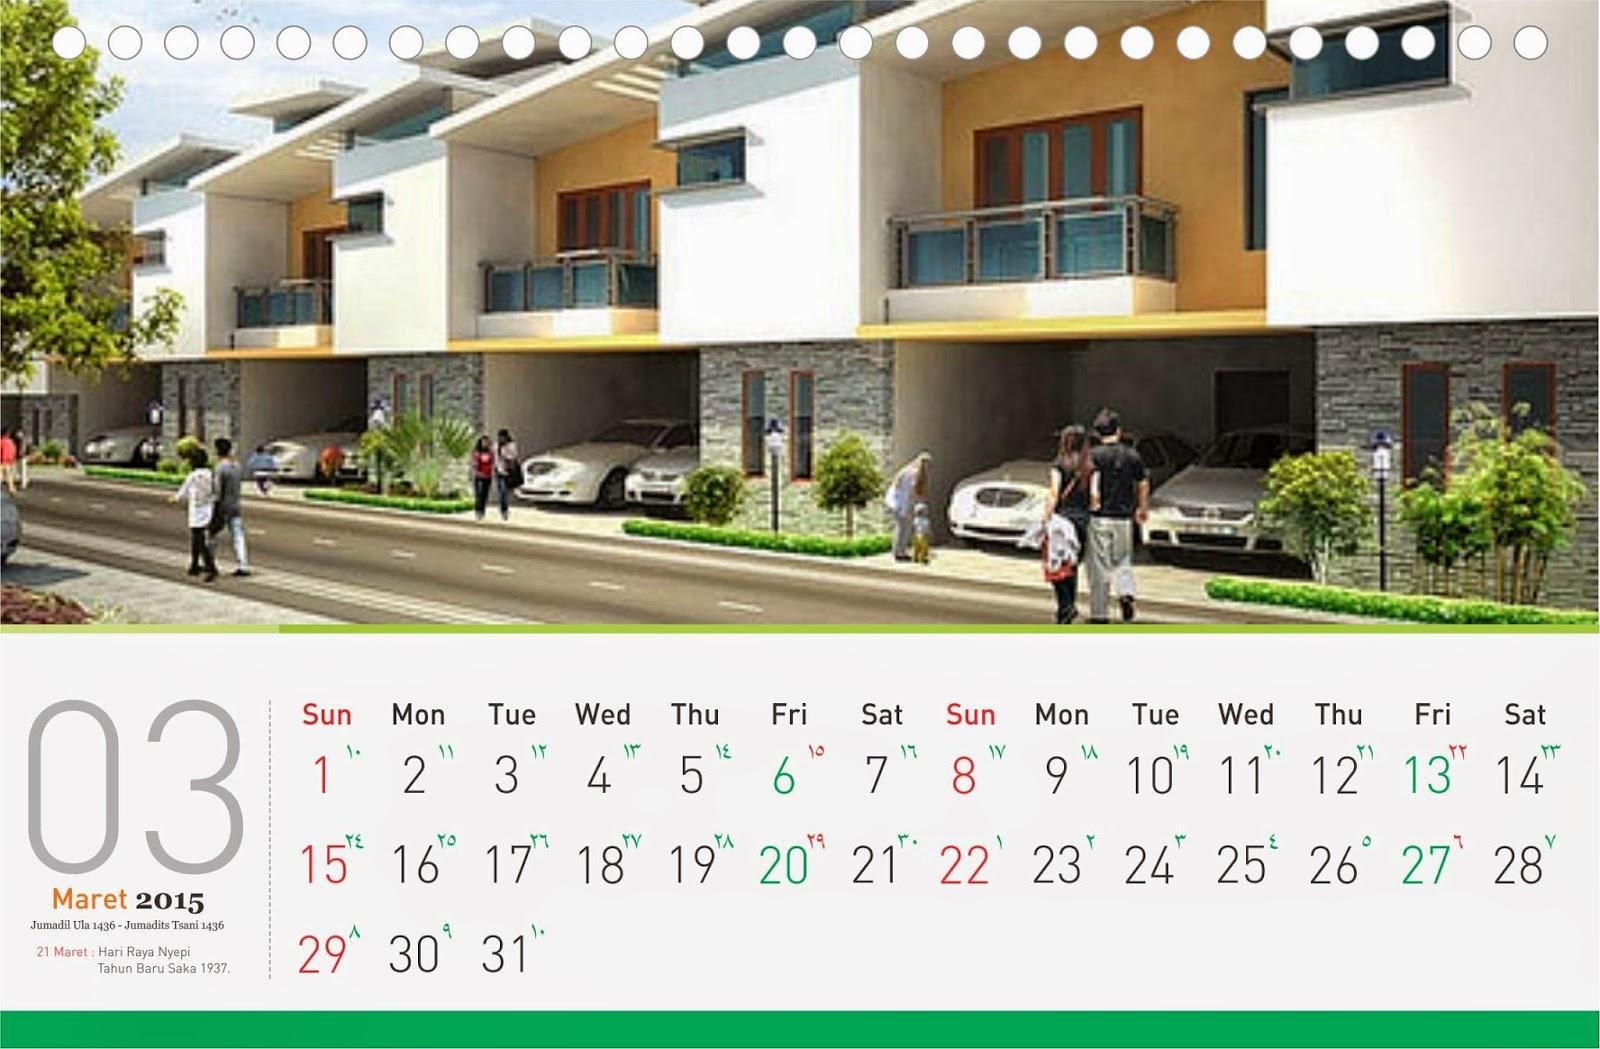 ... desain+kalender+meja,+desain+kalender+dinding,+corel+draw,+adobe